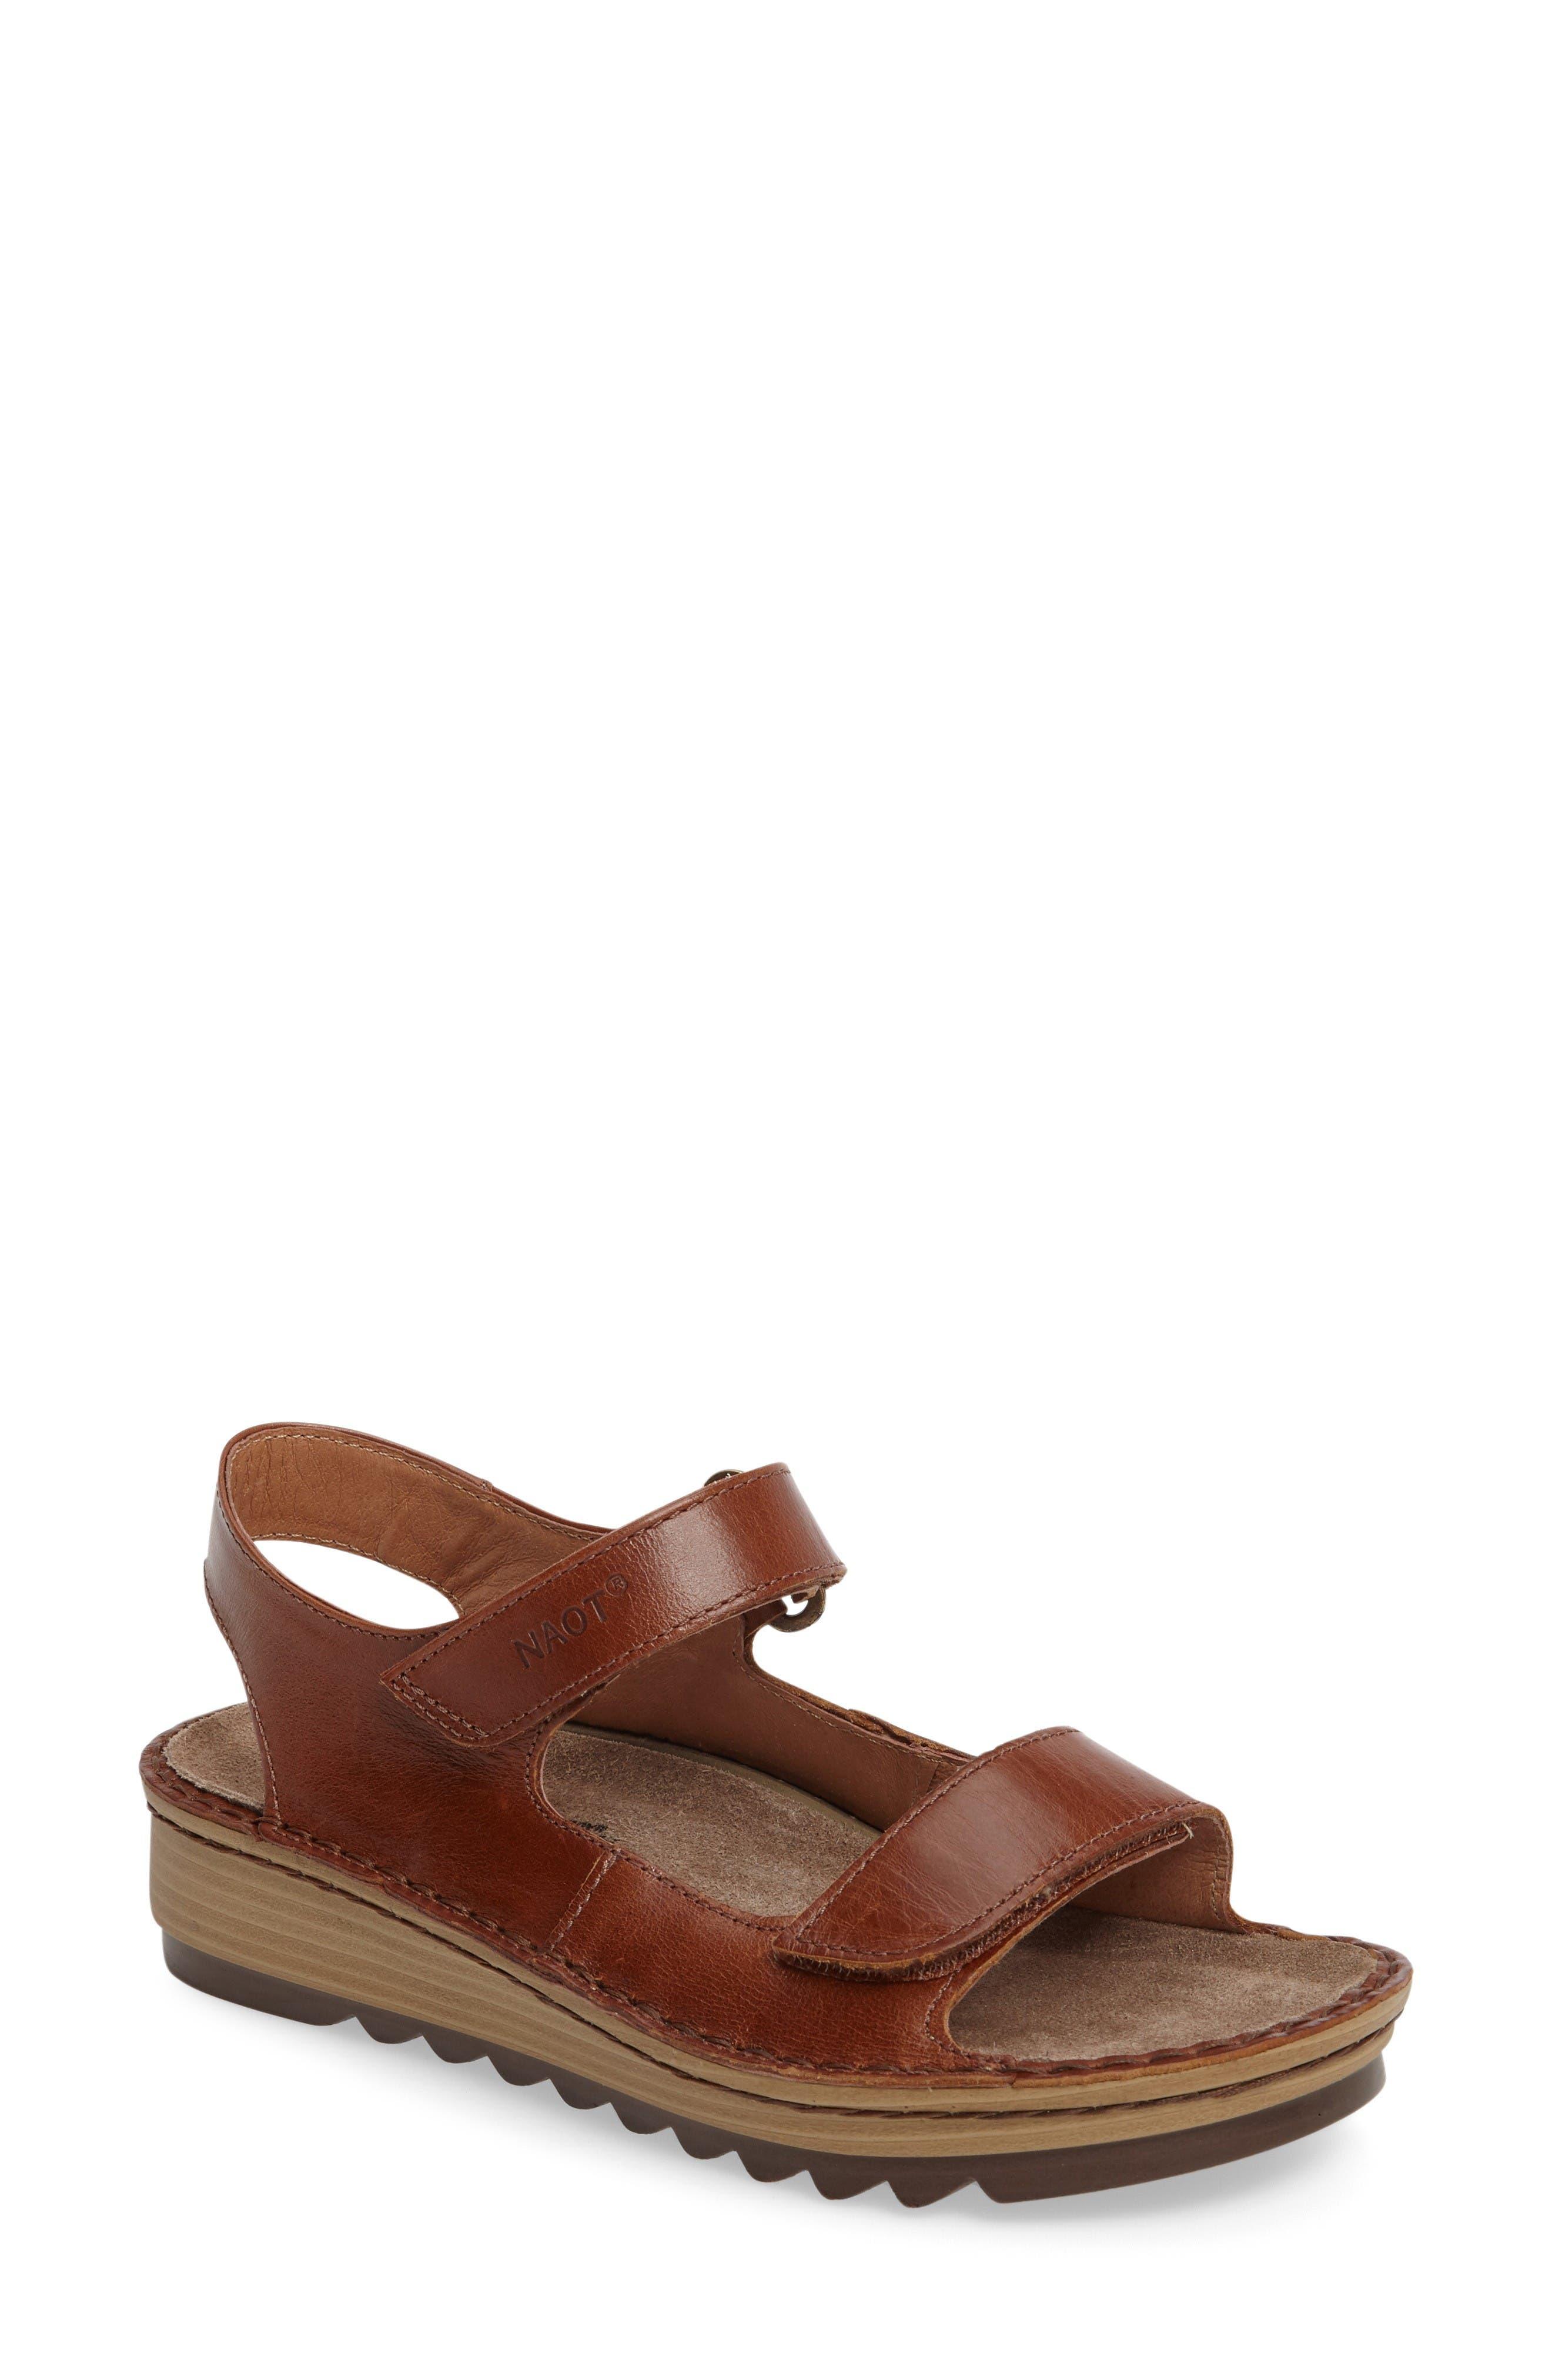 NAOT Zinnia Sandal